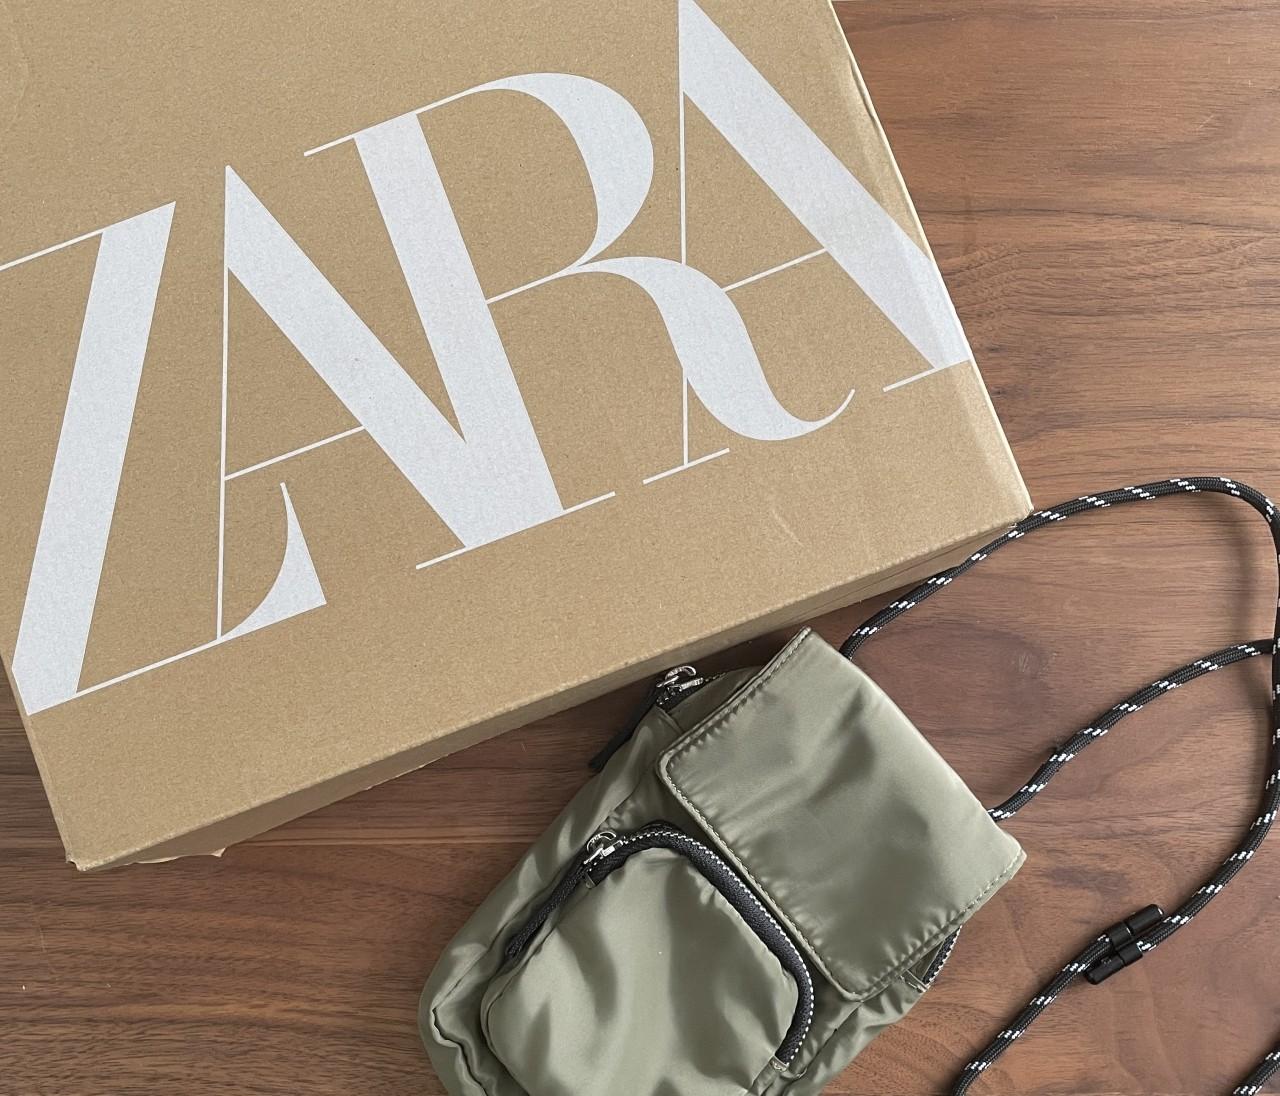 【ZARA(ザラ)】のセールでGET! スマホケースがバッグ感覚で使えて便利♡【身長150cmエディターchiakiの30代おしゃれTIPS】